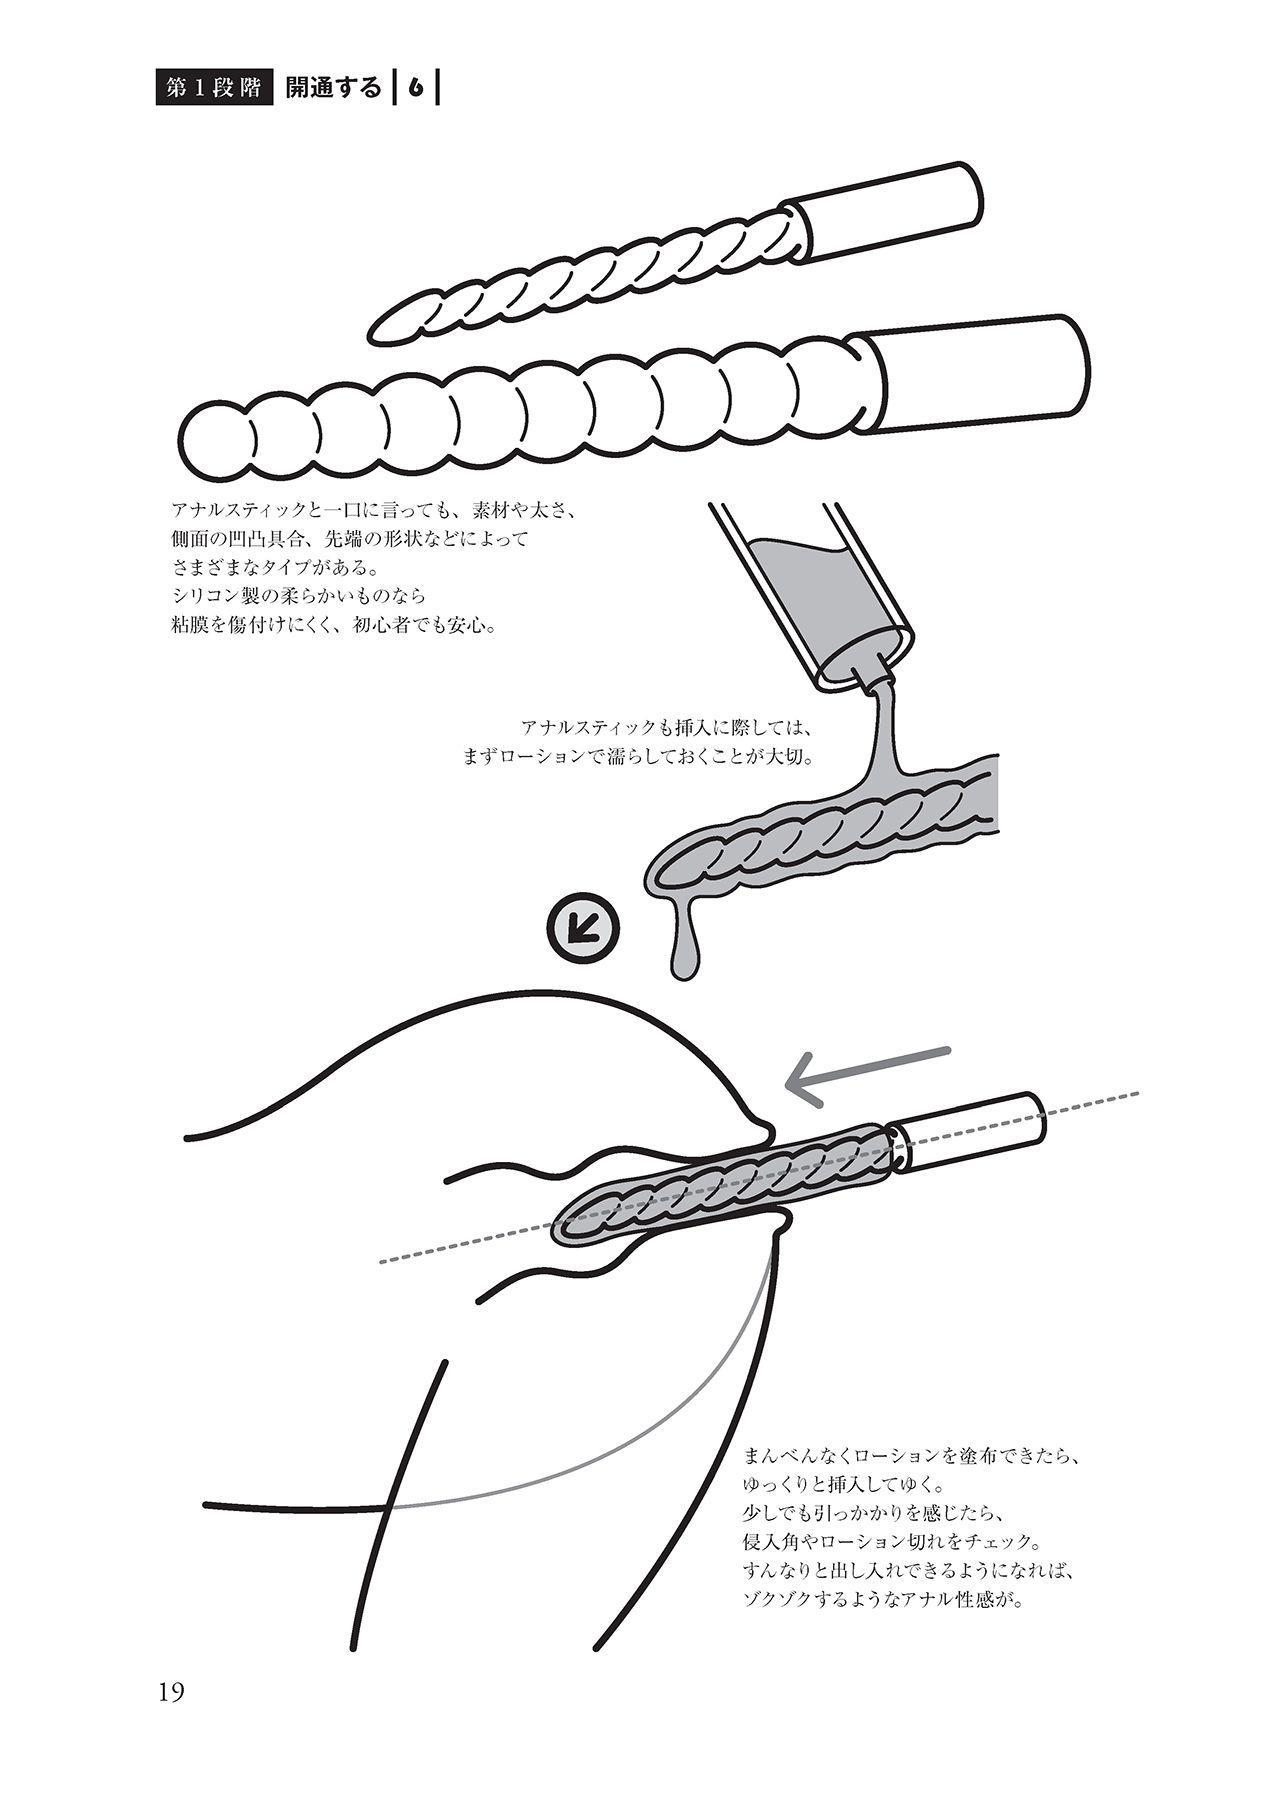 アナル性感開発・お尻エッチ 完全マニュアル 20